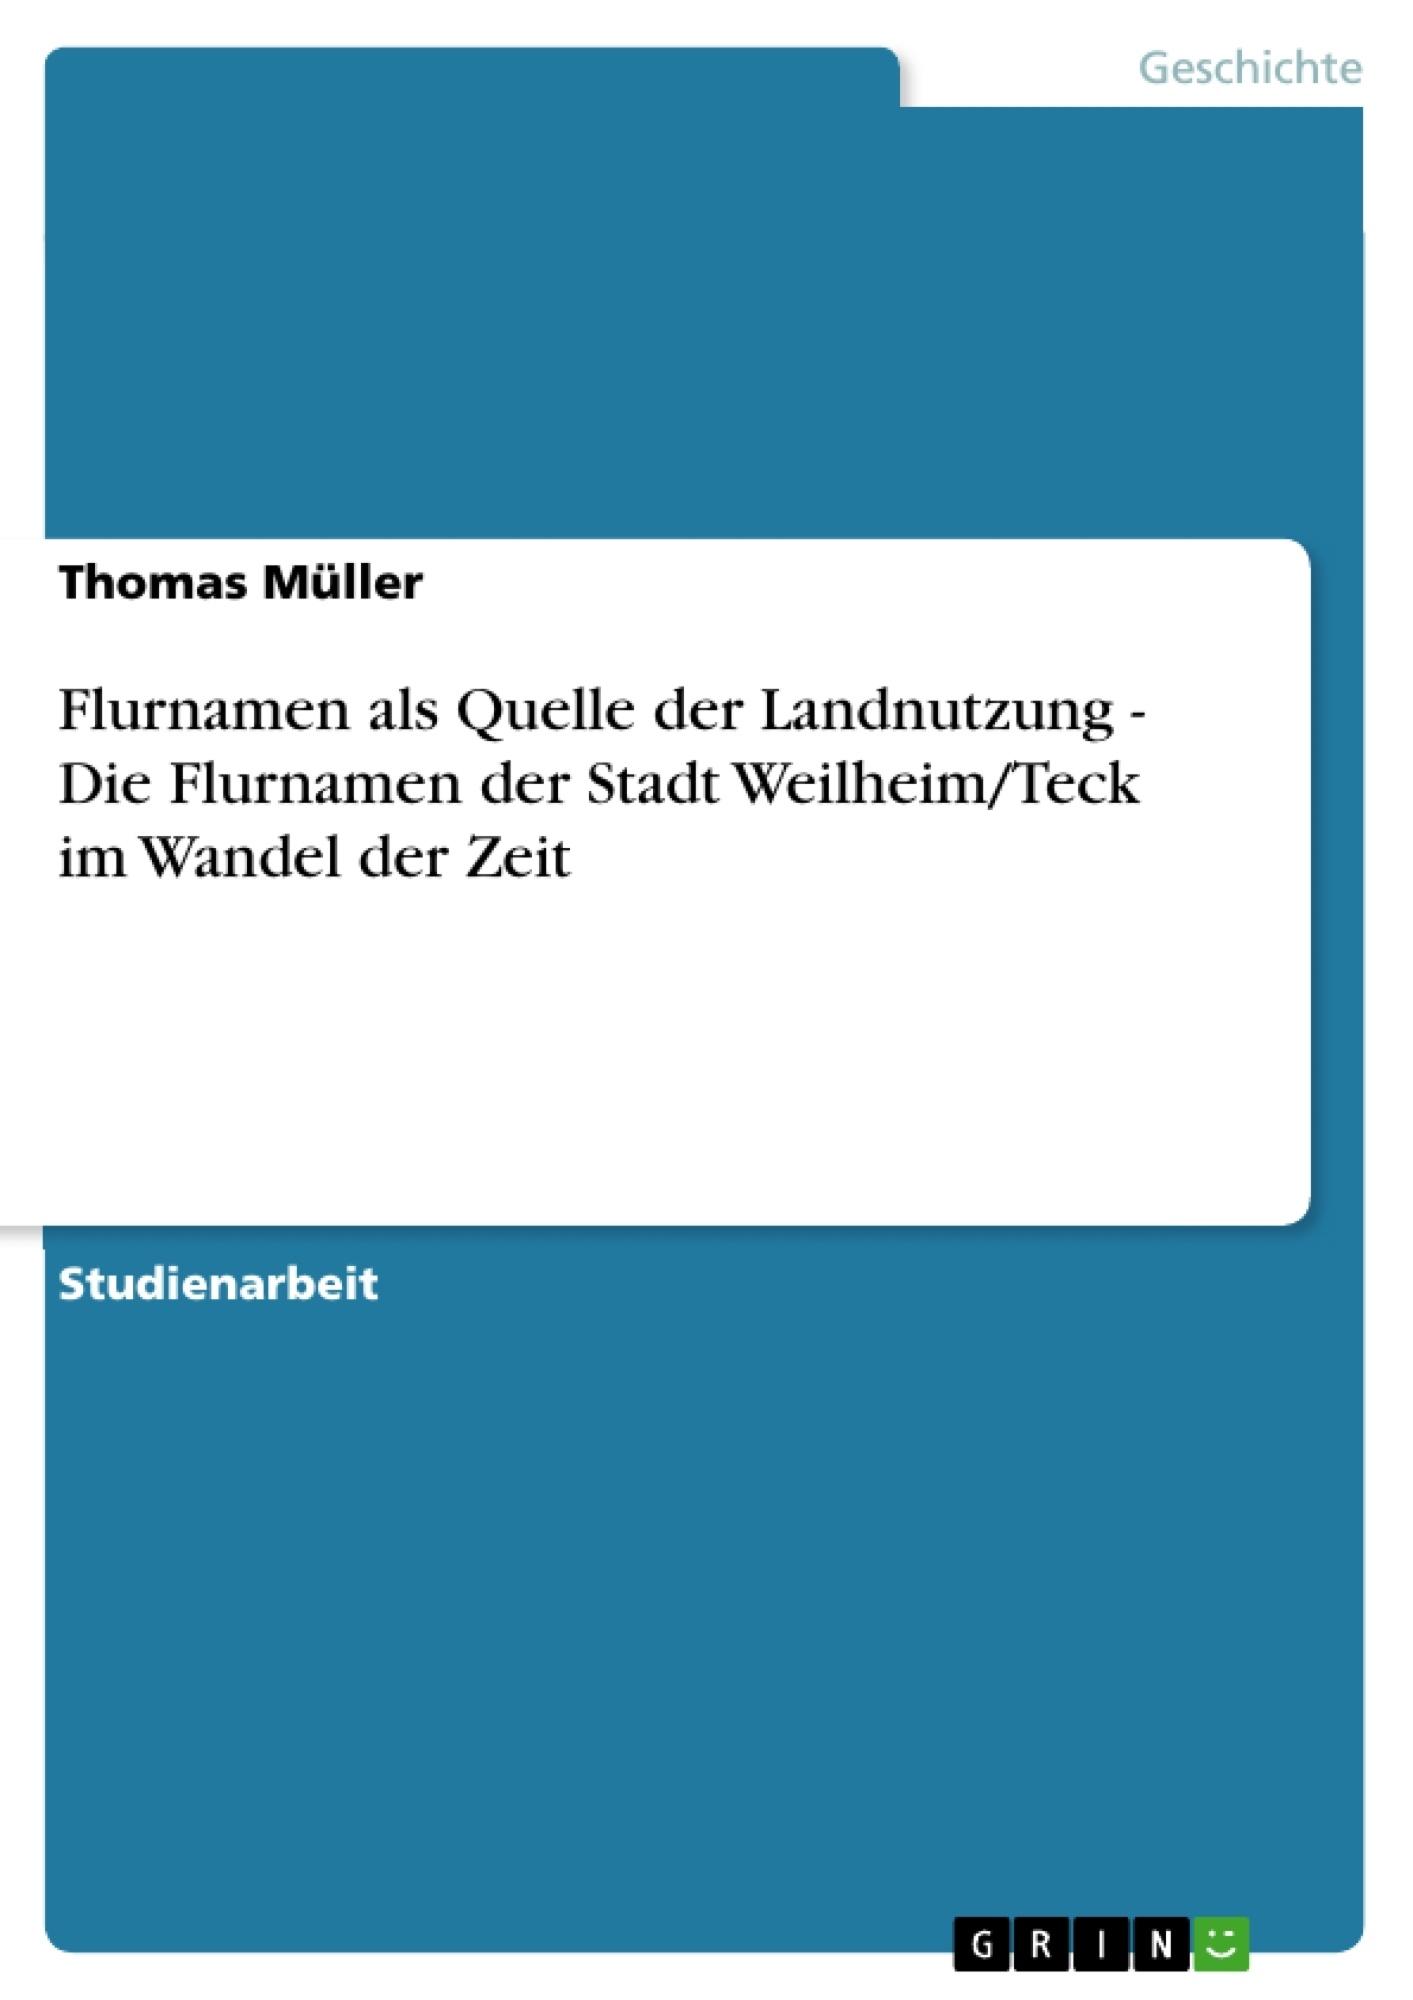 Titel: Flurnamen als Quelle der Landnutzung - Die Flurnamen der Stadt Weilheim/Teck im Wandel der Zeit